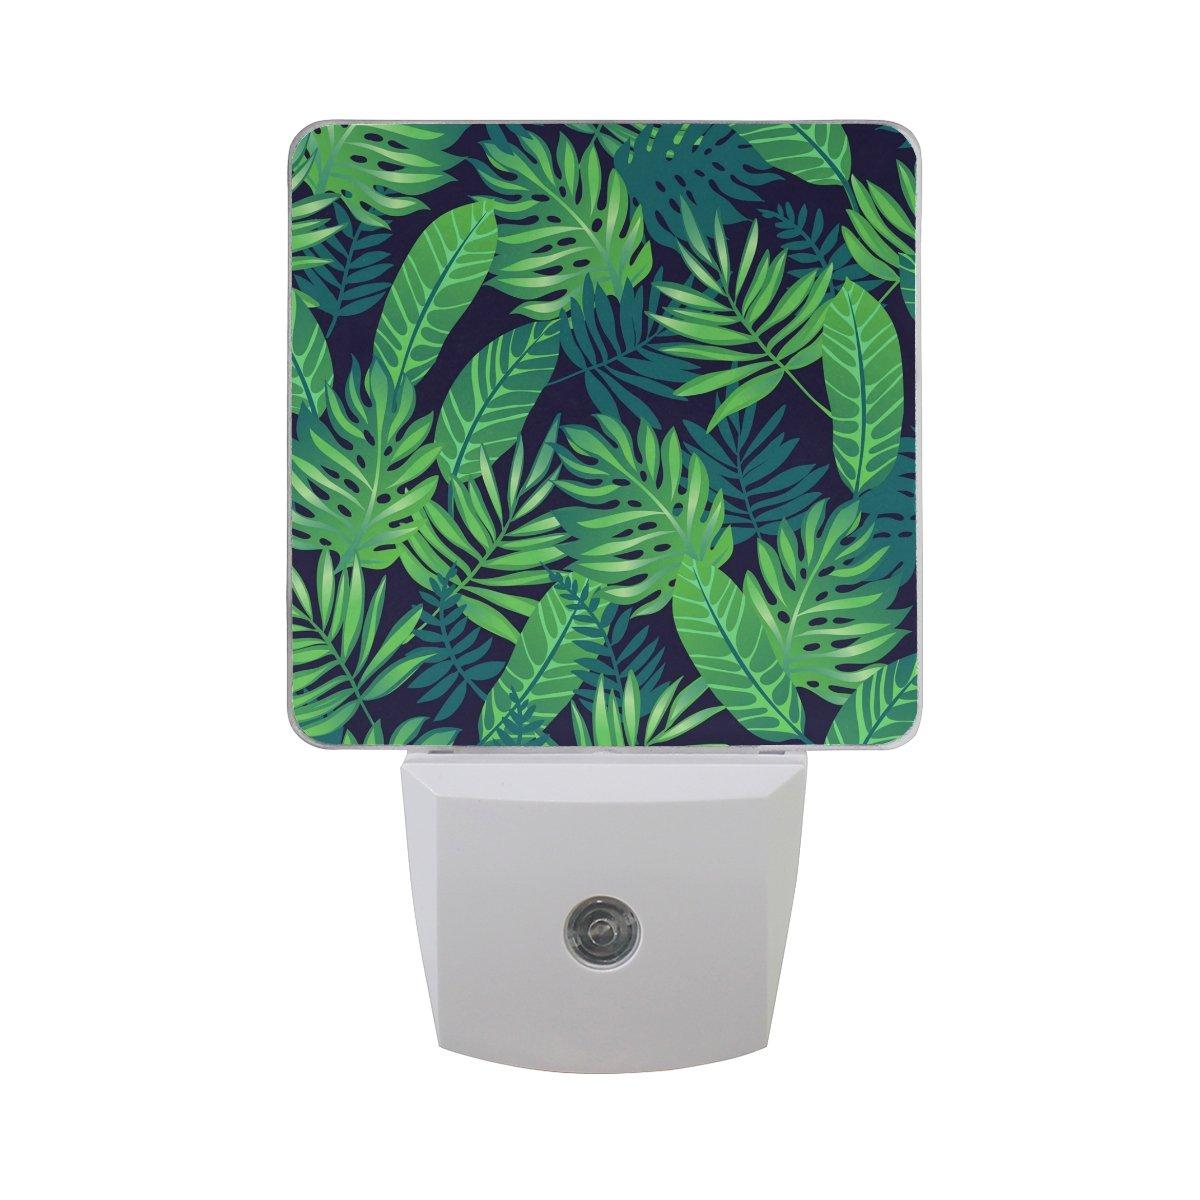 2パックTropical Leaves Green印刷プラグインLED夜ライトランプwith Dusk Dusk Leaves to Dawnセンサーfor Kids寝室、バスルーム、廊下 to、階段、0.5 W B07CQFH3NT, アクセサリーshop eito:d0aa9903 --- ijpba.info